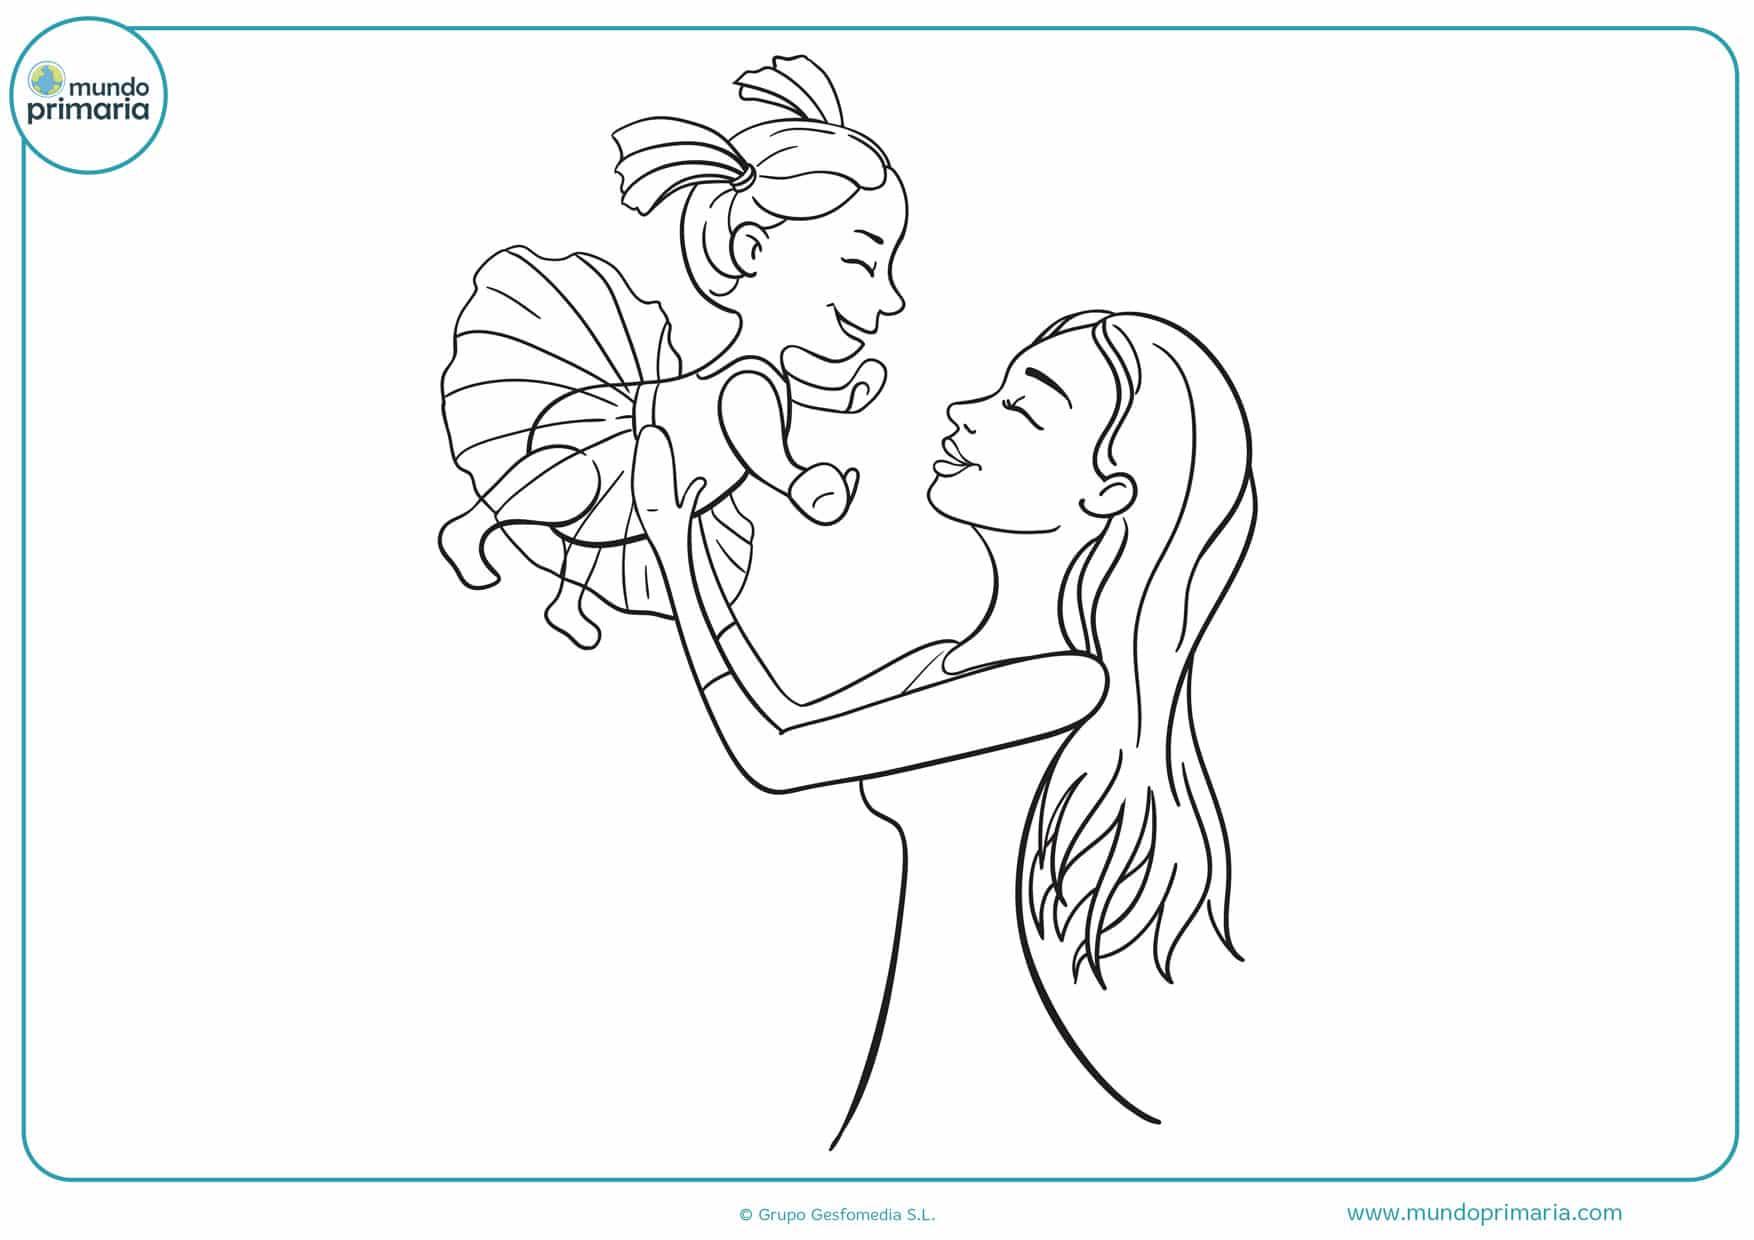 imágenes del día de la madre para colorear